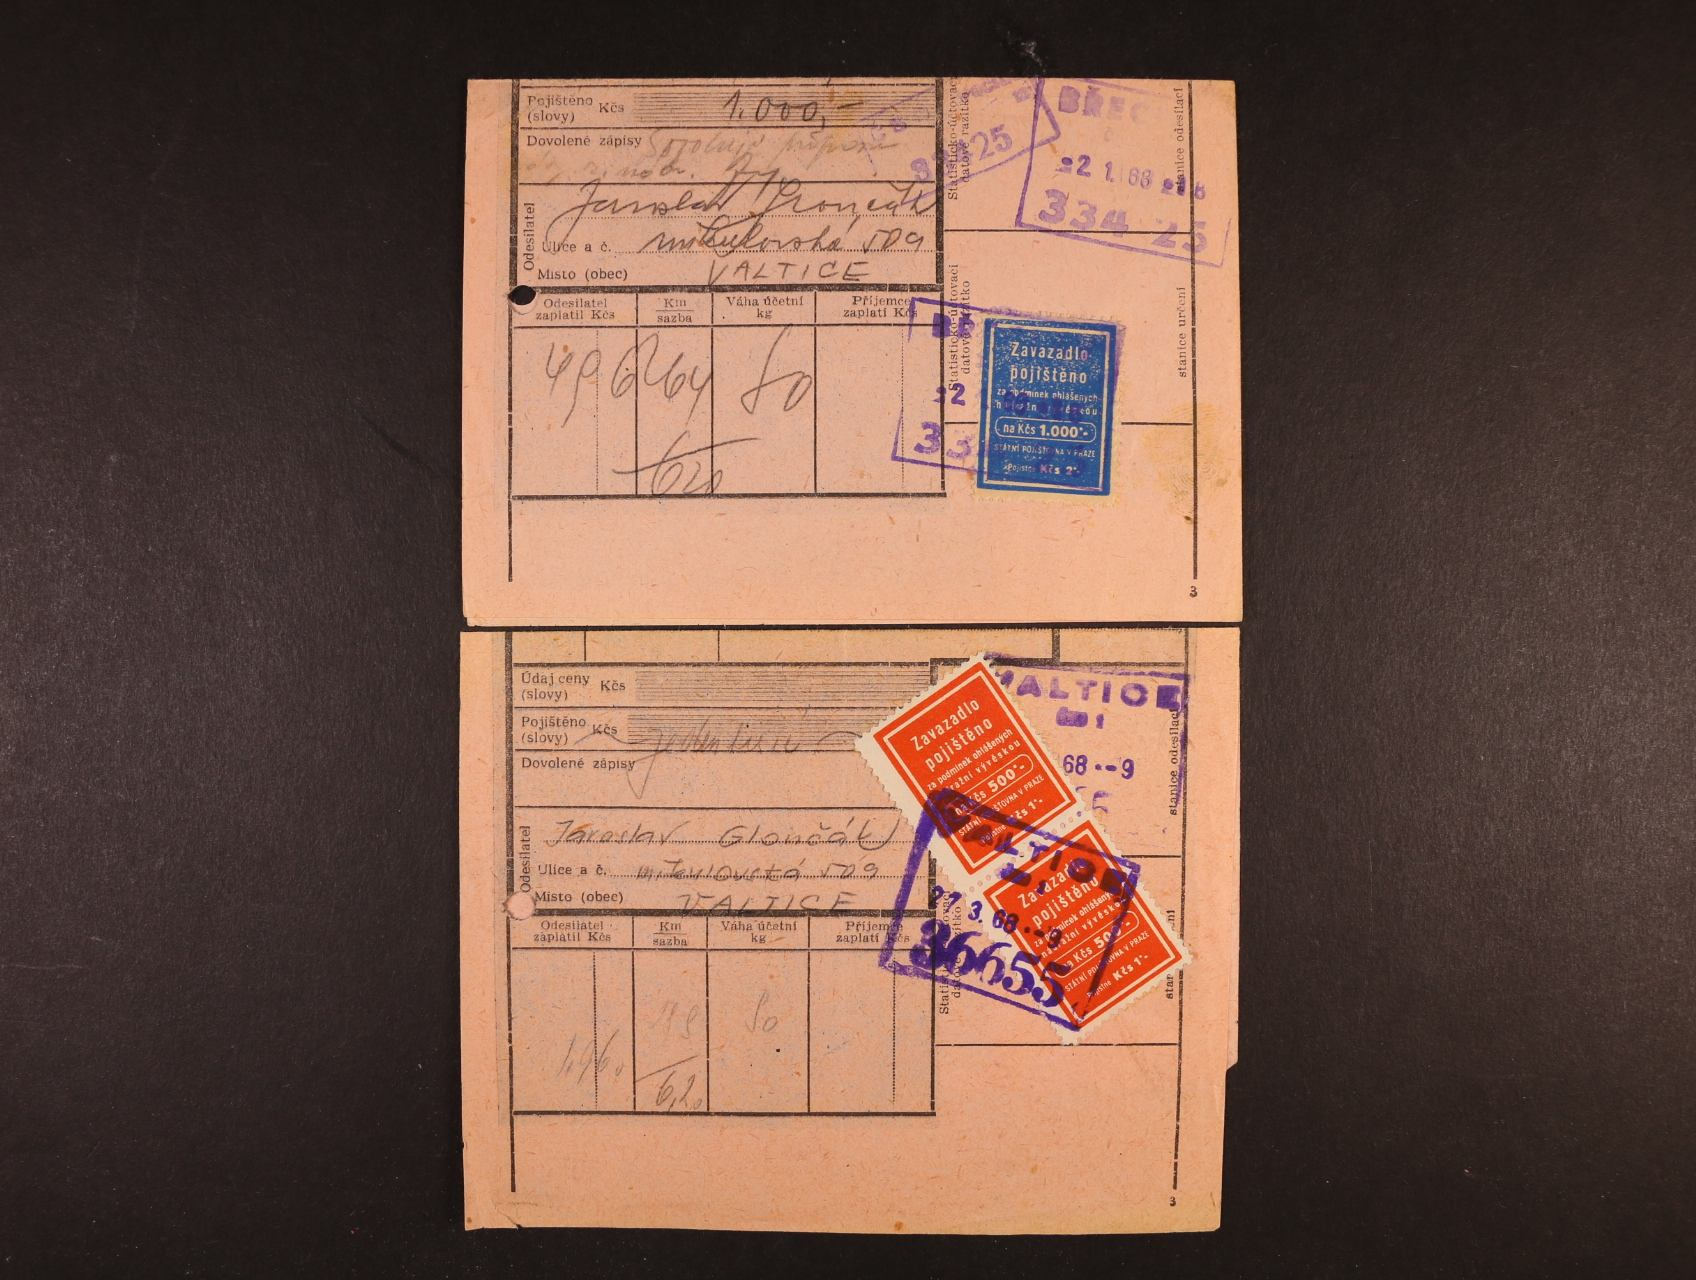 formulář DRUHOPIS spěšninového listu s vylepenou pojišťovací zn. na Kčs 500,- ve svislé dvoupásce s rámeč. raz. VALTICE 27.3.1968 + dtto se zn. na Kčs 1000,- s rámeč. raz. BŘECLAV 2.1.1968, zajímavý doklad